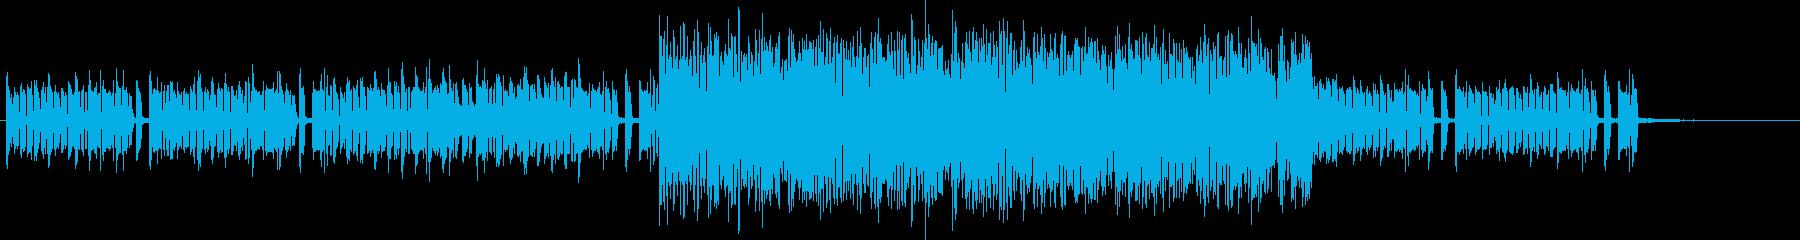 ピコピコサウンドでダークな疾走感ある曲の再生済みの波形